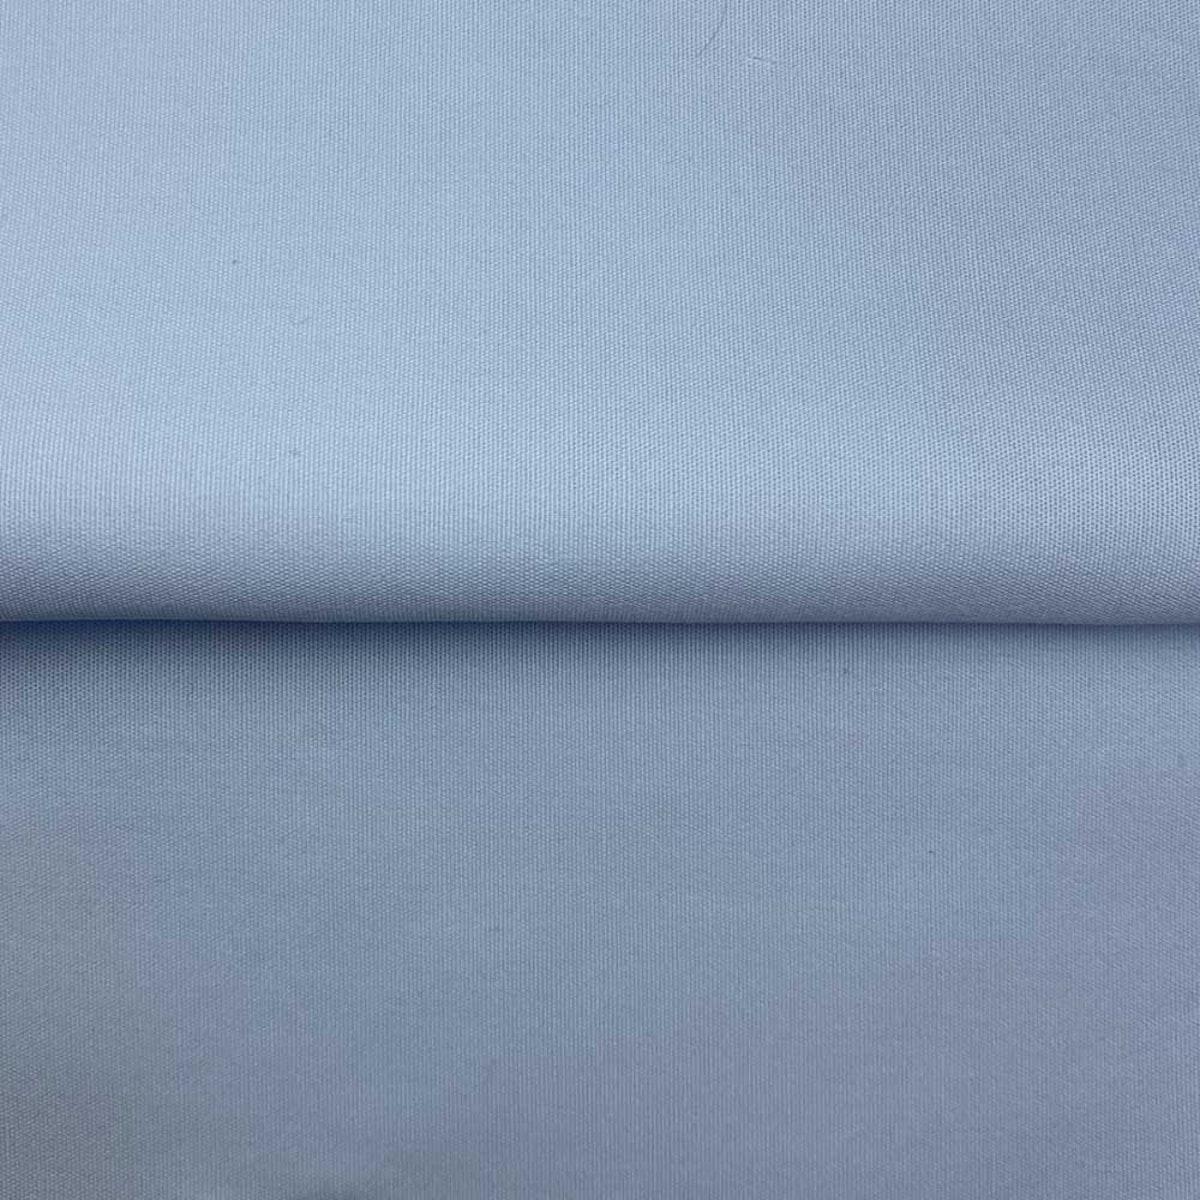 InStitchu Shirt Fabric 39